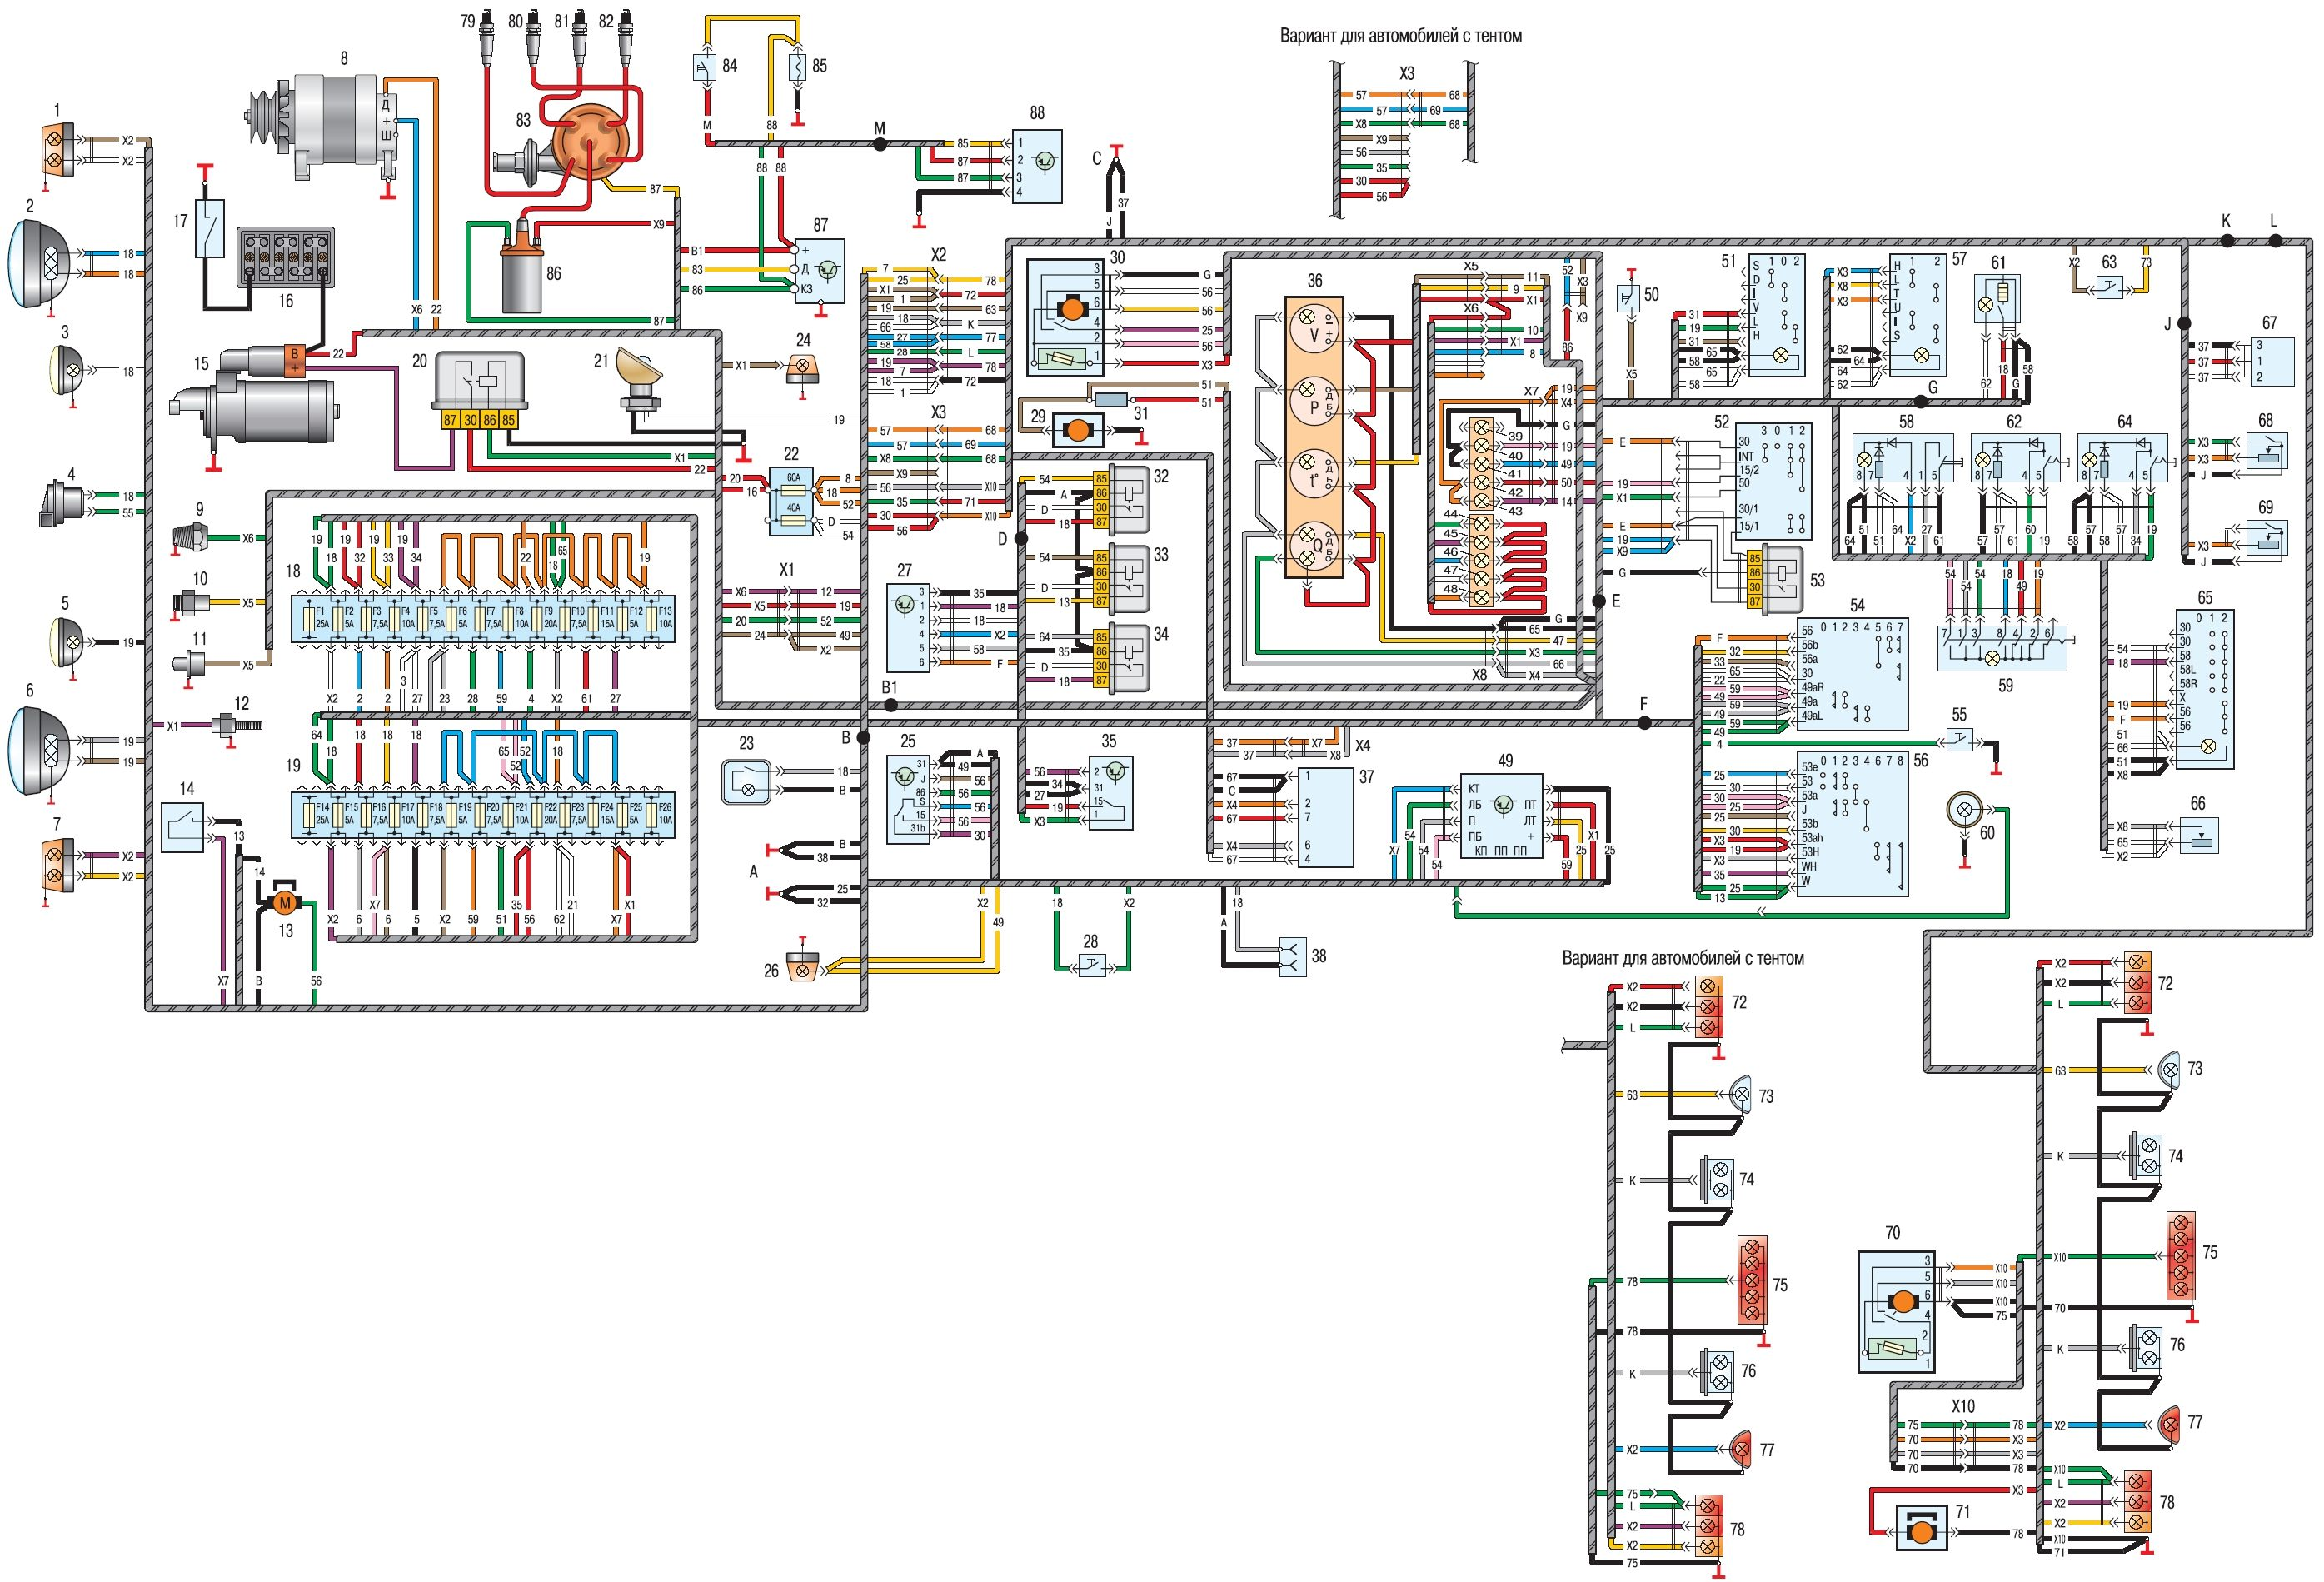 Электрооборудование уаз схема